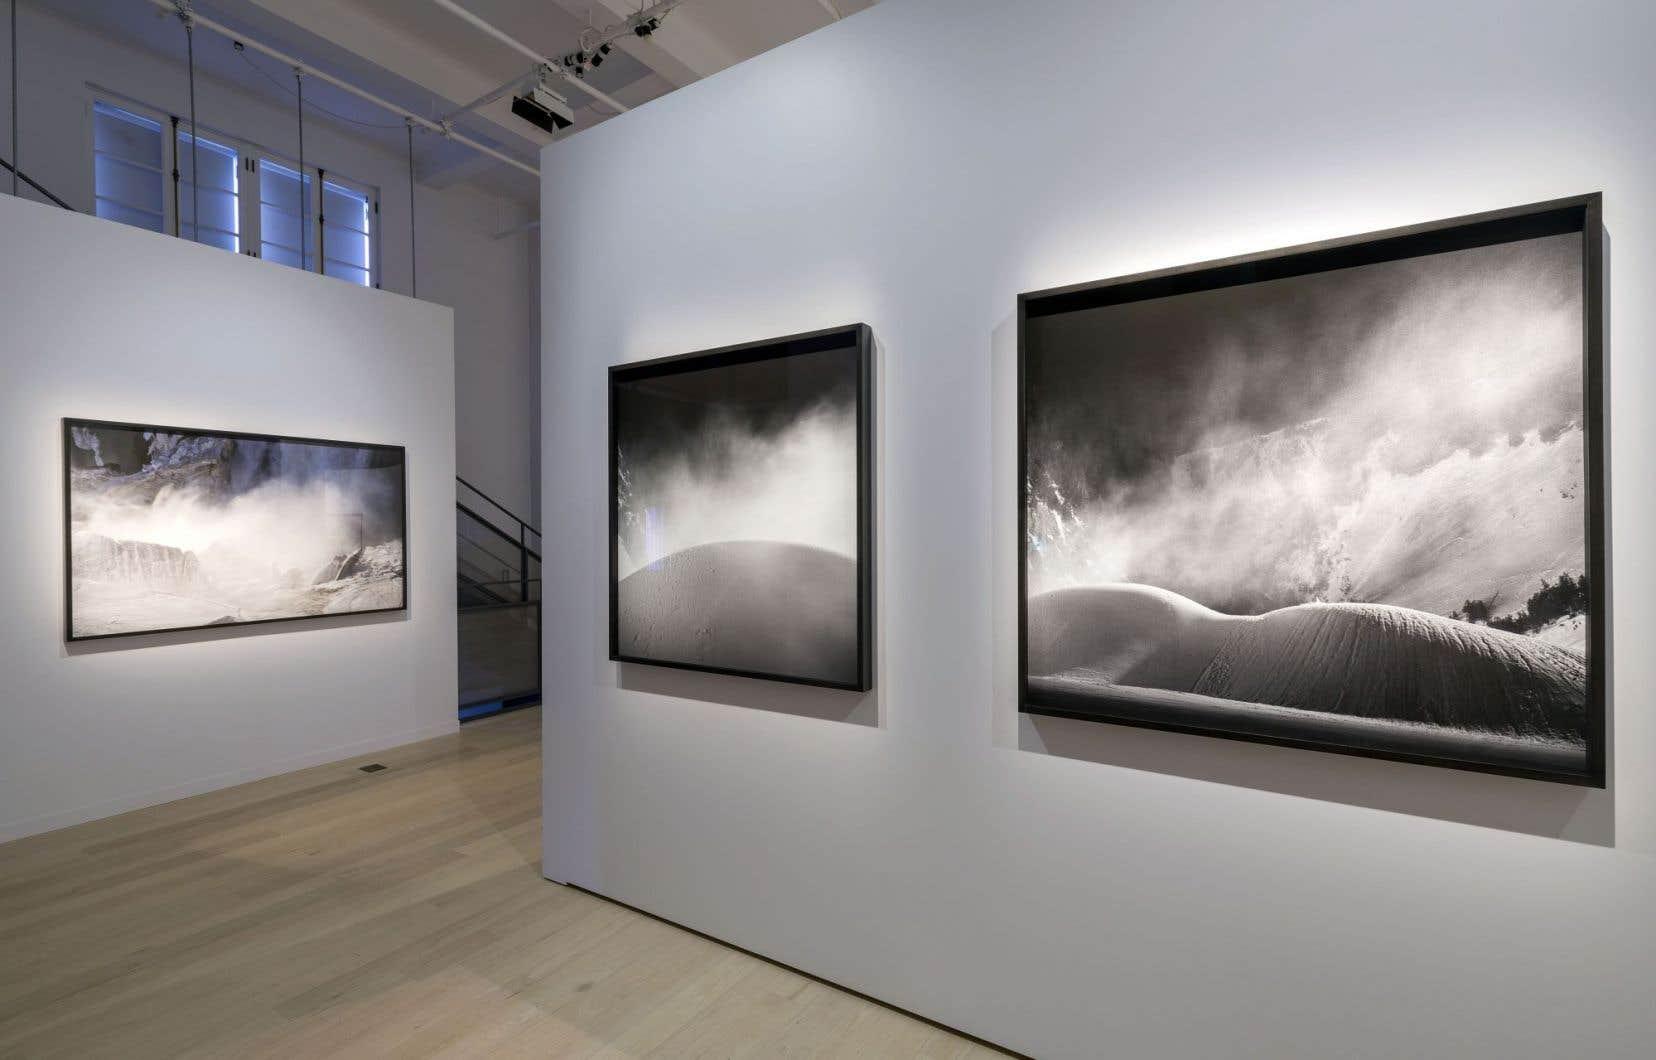 «Vide et vertige» réunit le travail de trois artistes: Ivan Binet, Jocelyne Alloucherie et Mathieu Cardin, un alliage tout en cohérence.